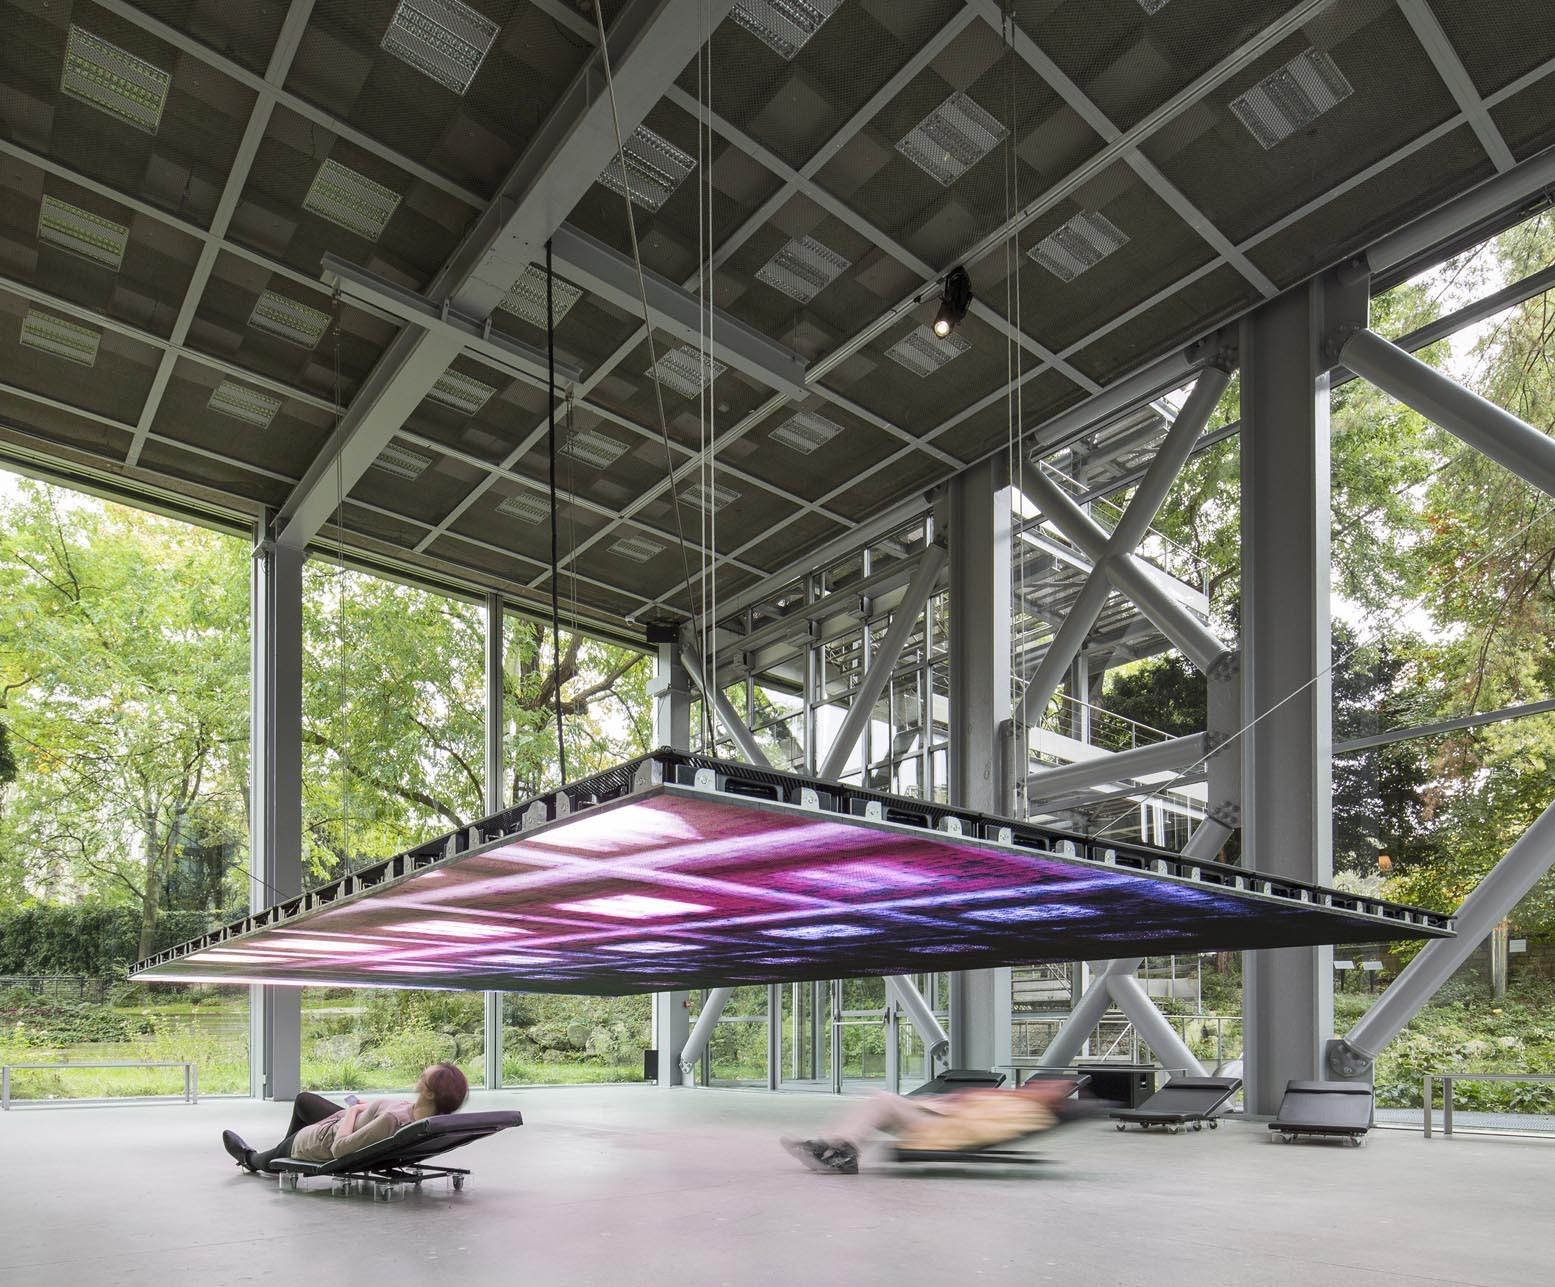 """Instalação """"Musings on a Glass Box"""" de Diller Scofidio + Renfro ocupa a Fondation Cartier em Paris, © Diller Scofidio + Renfro"""